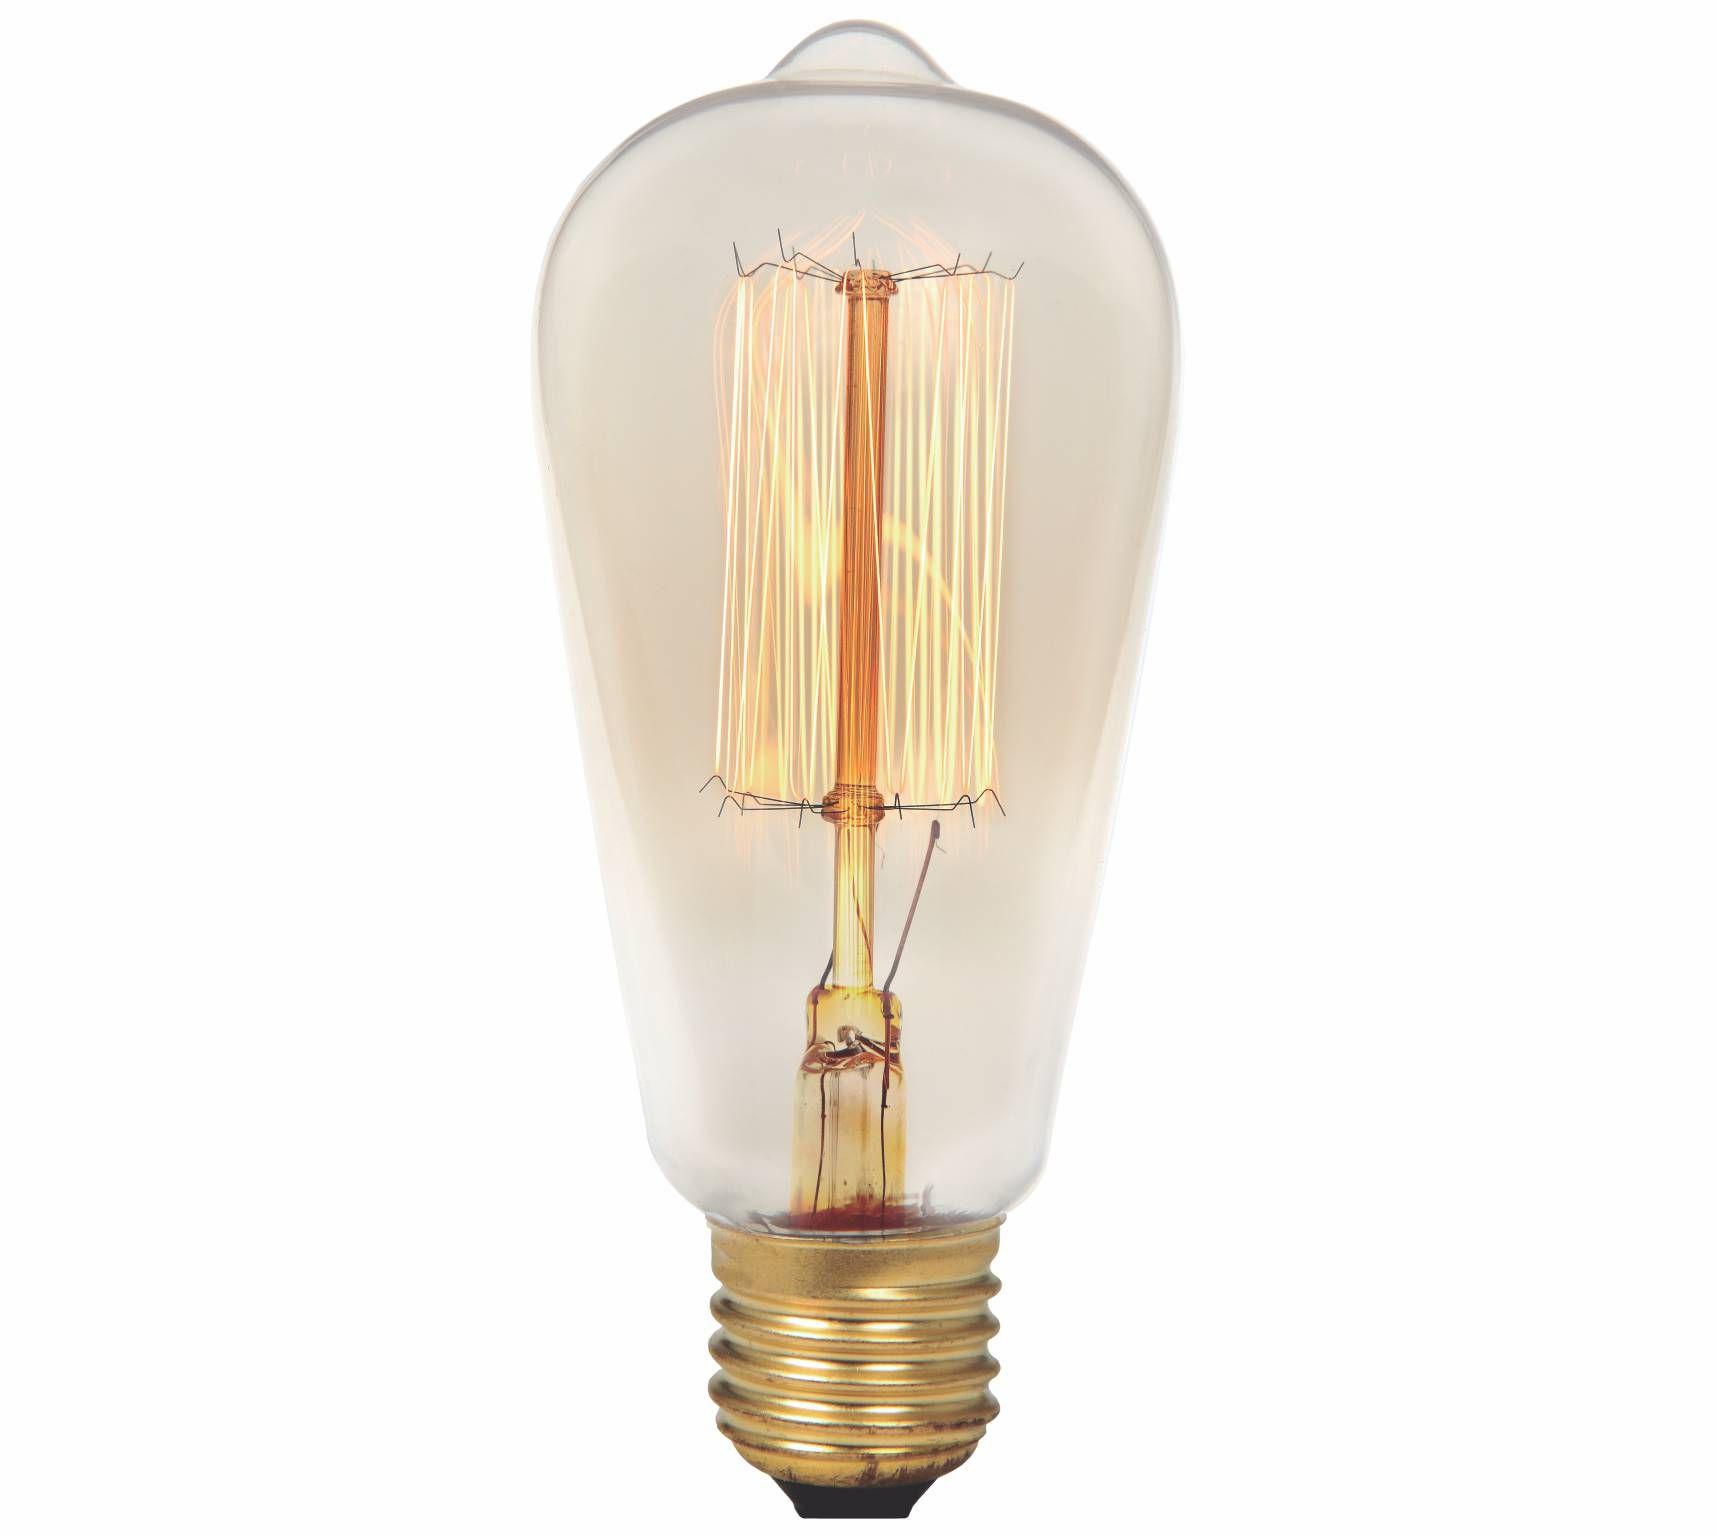 Lâmpada Filamento de Carbono ST58 2300K 40W E27 220V  - Loja Jurerê